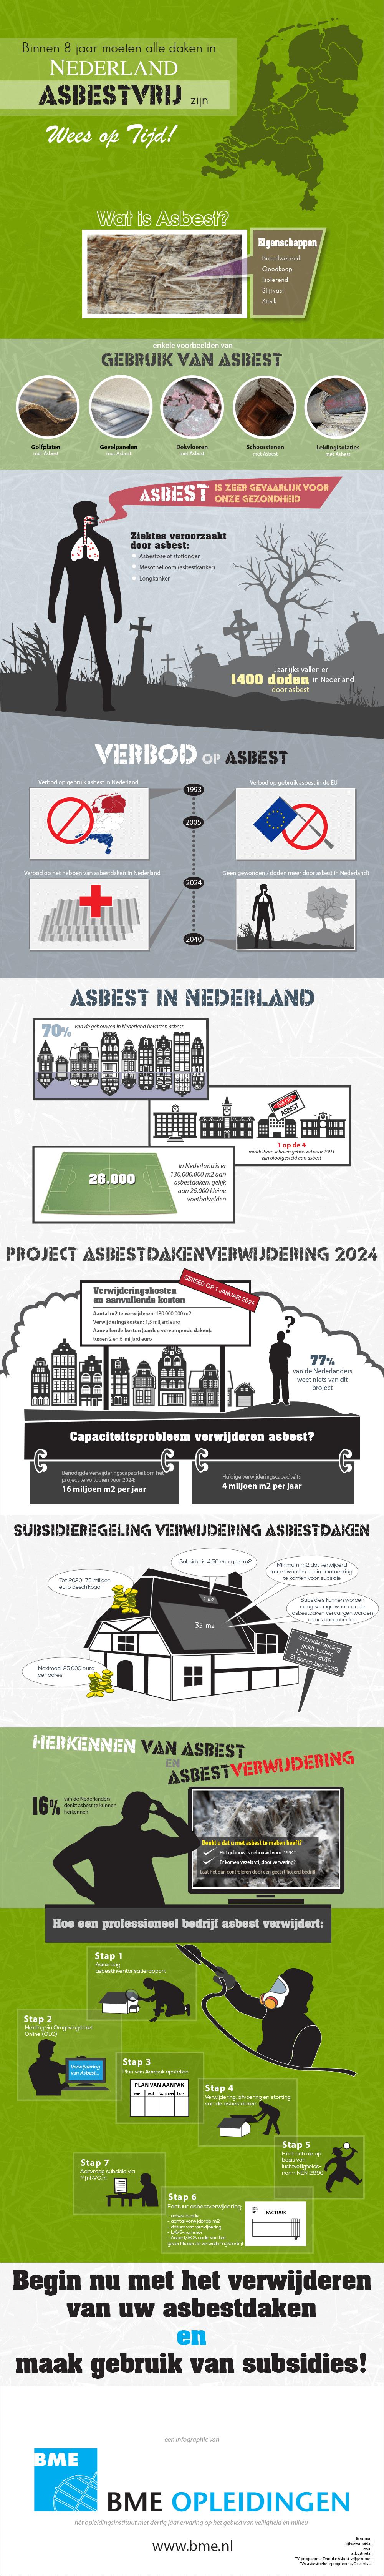 Asbest vrij infographic door BME opleidingen